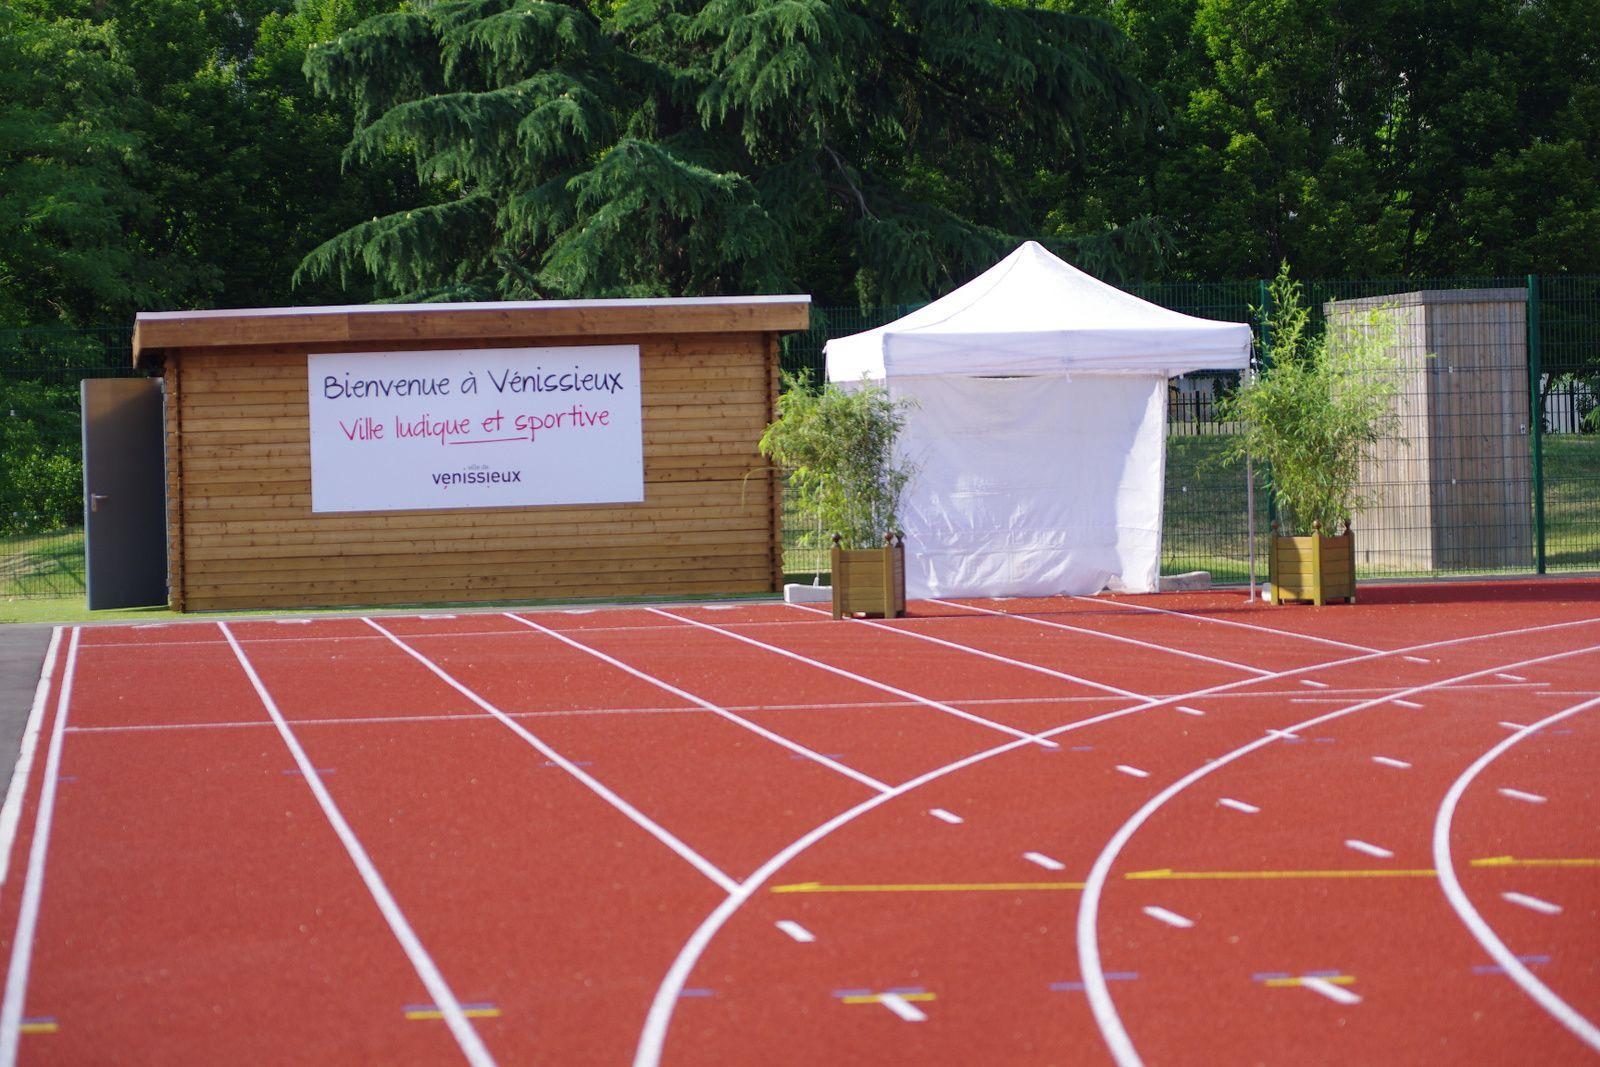 La nouvelle piste d'athlétisme du stade Laurent-Gerin a été inaugurée ce samedi.